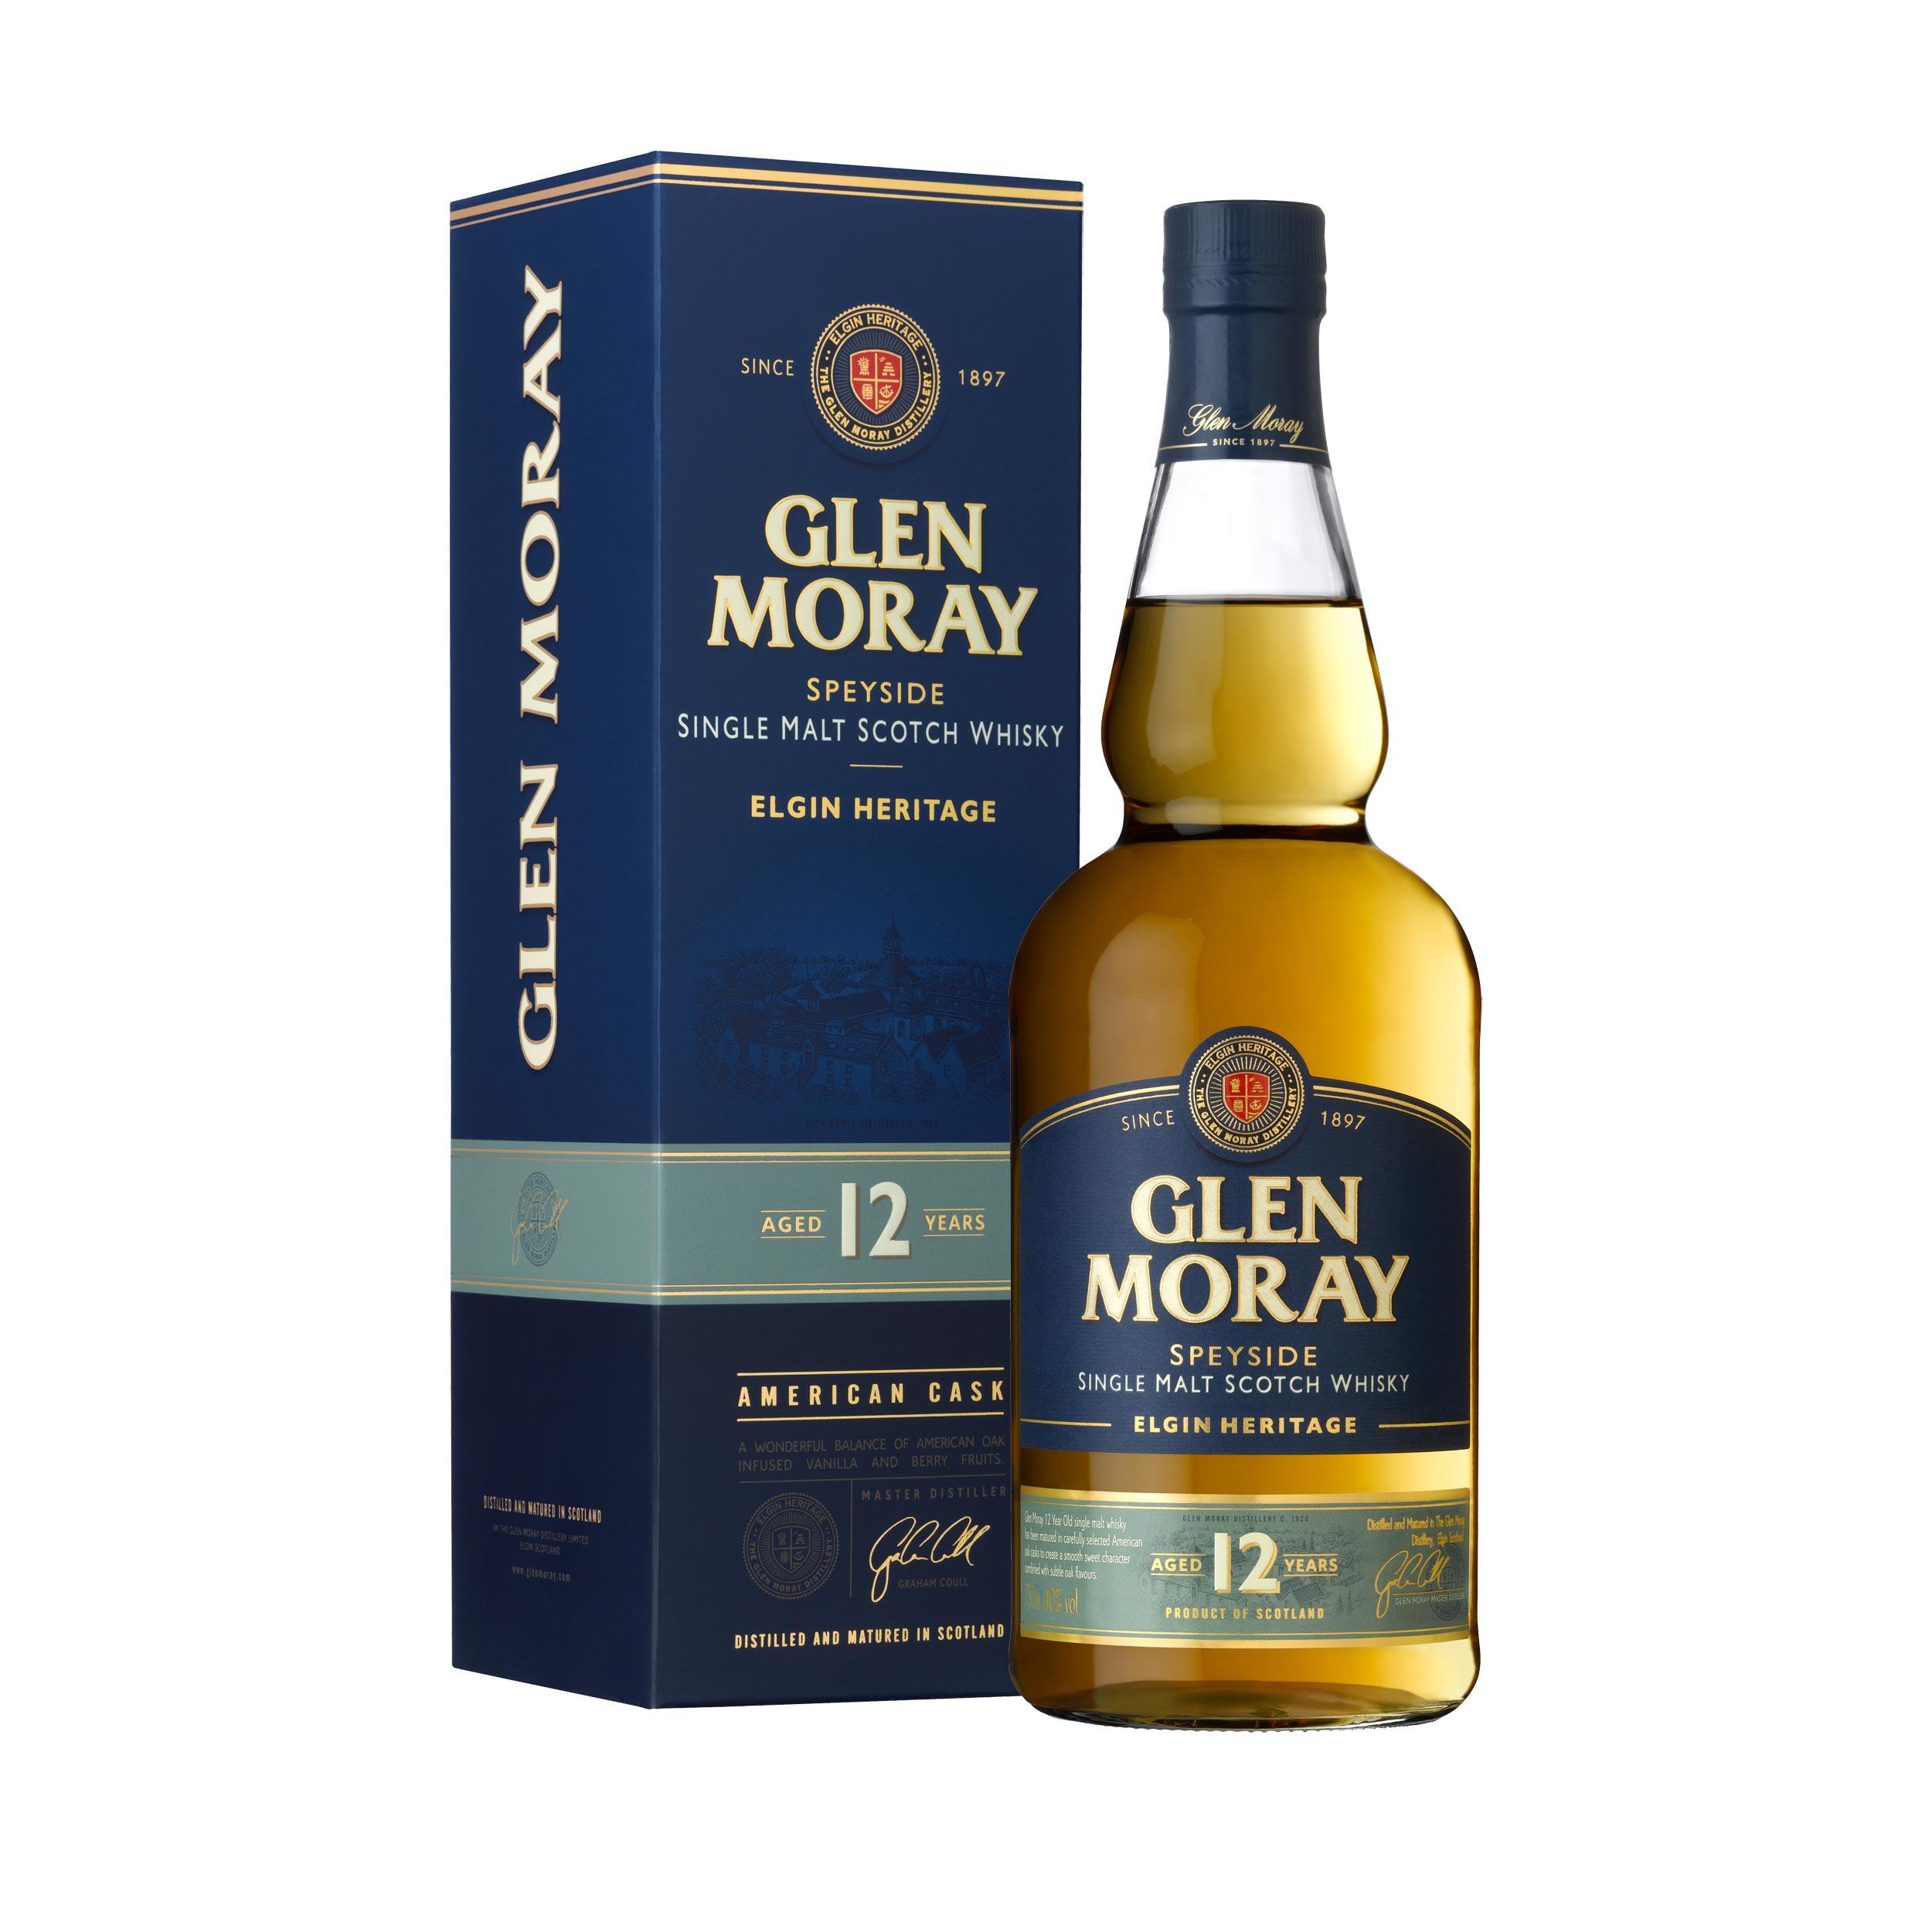 Glen Moray 12 Year Old Speyside Single Malt Scotch Whisky 70cl